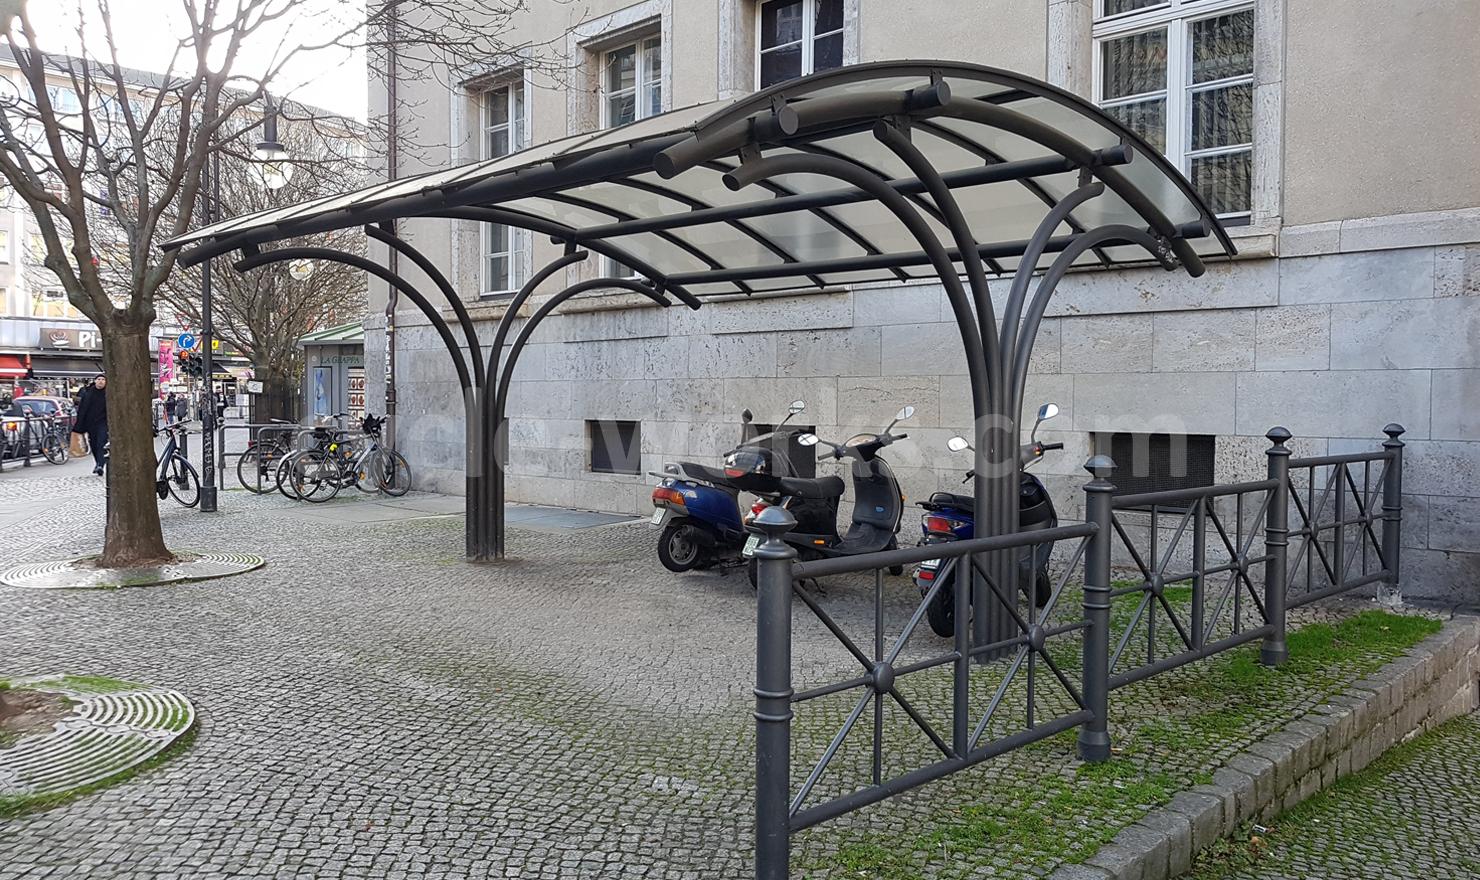 Josta Pergola Bike Shelter